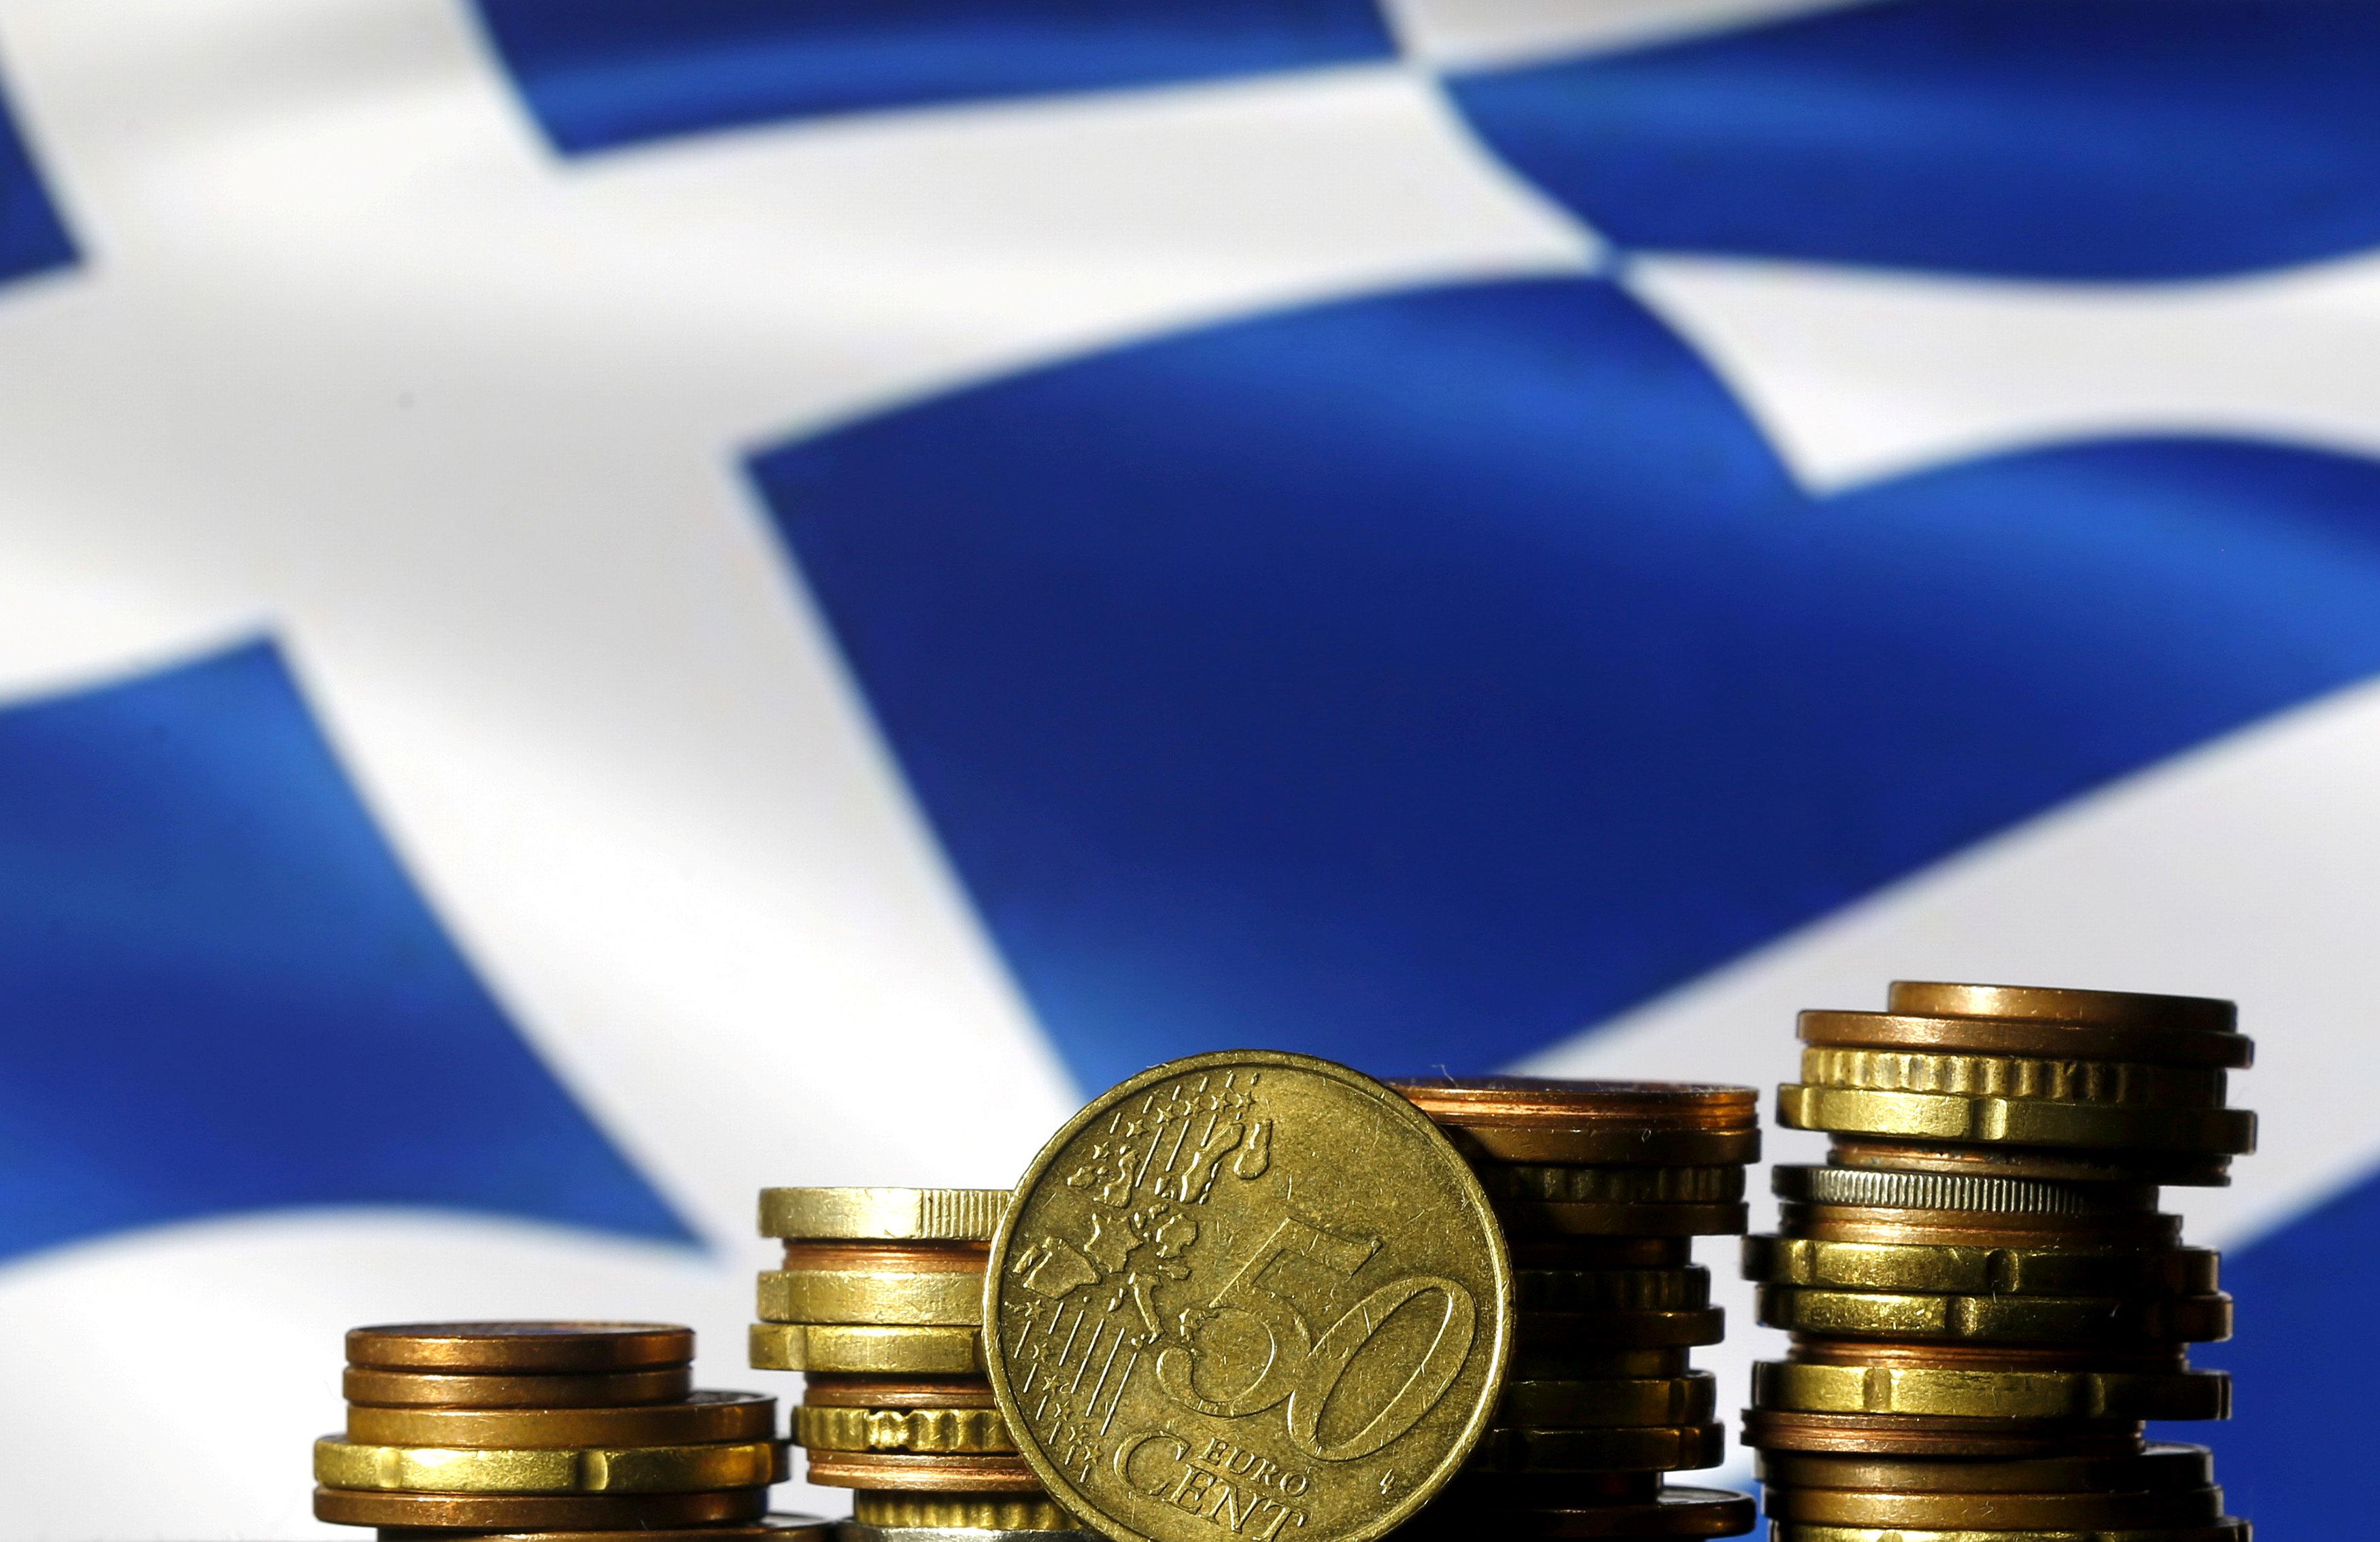 Βελτίωση του οικονομικού κλίματος στην Ελλάδα τον Ιούλιο